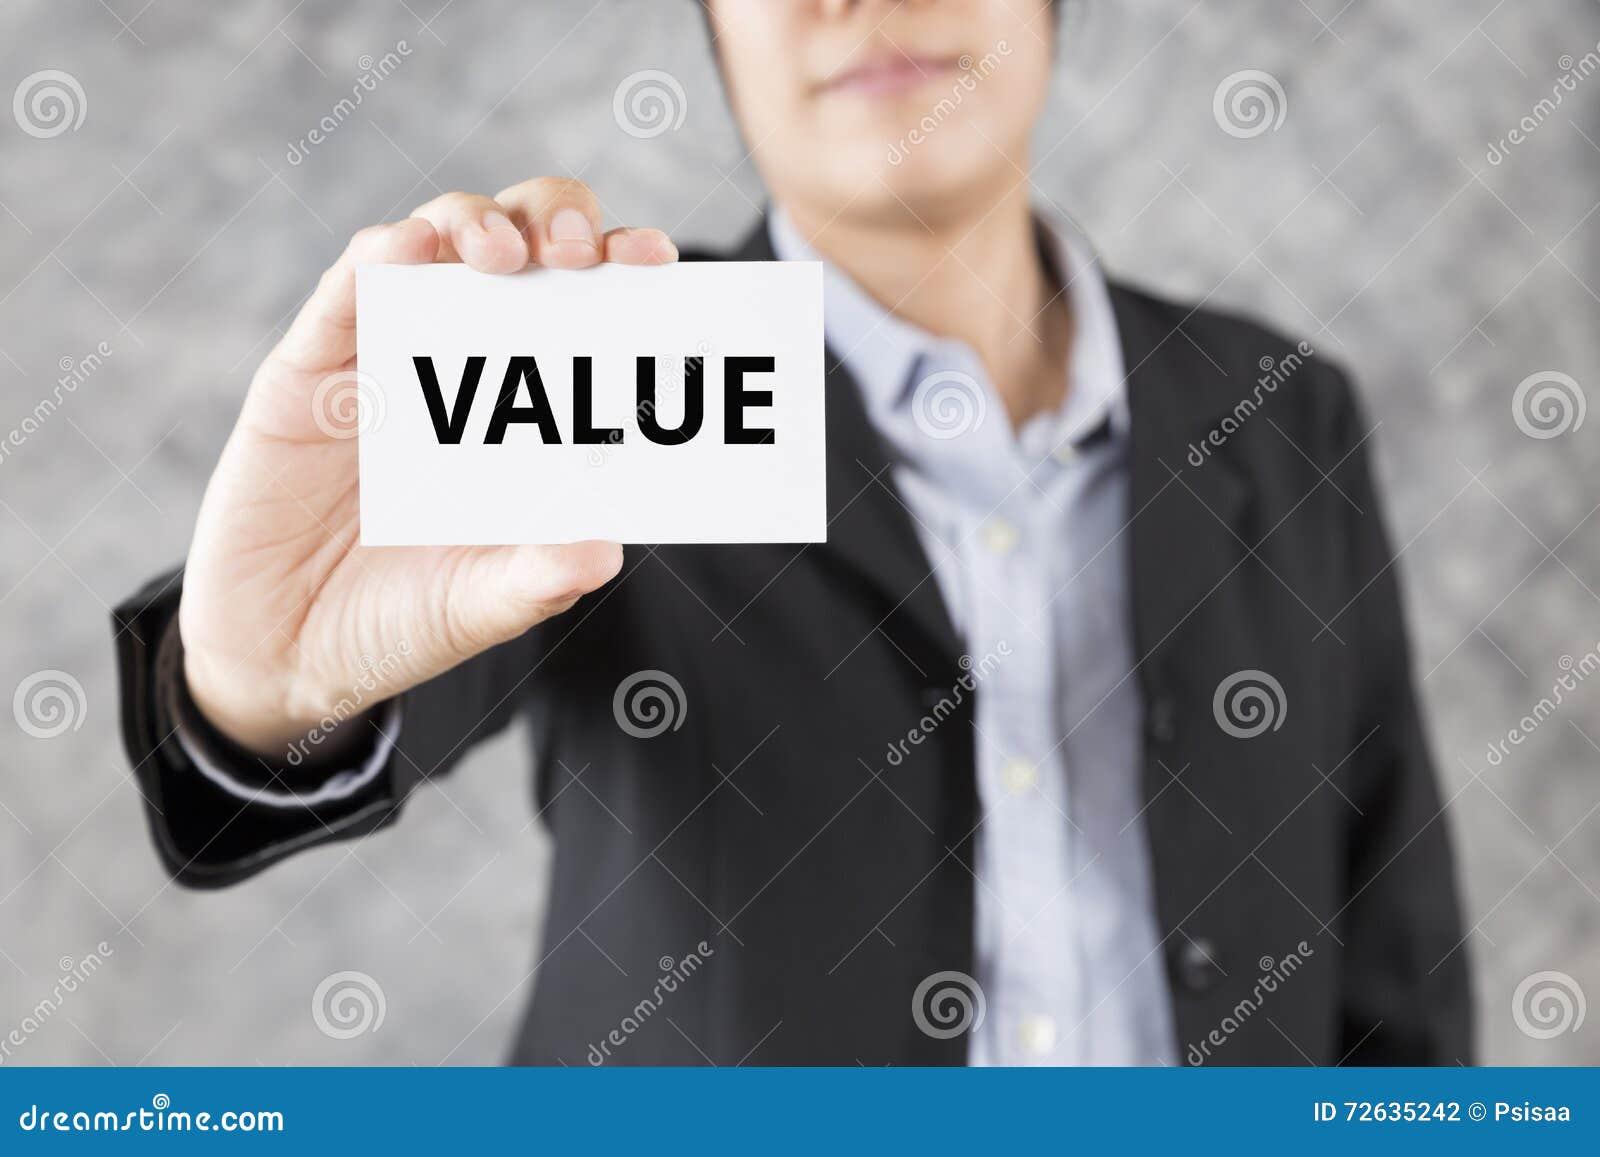 бизнесмен представляя визитную карточку с значением слова